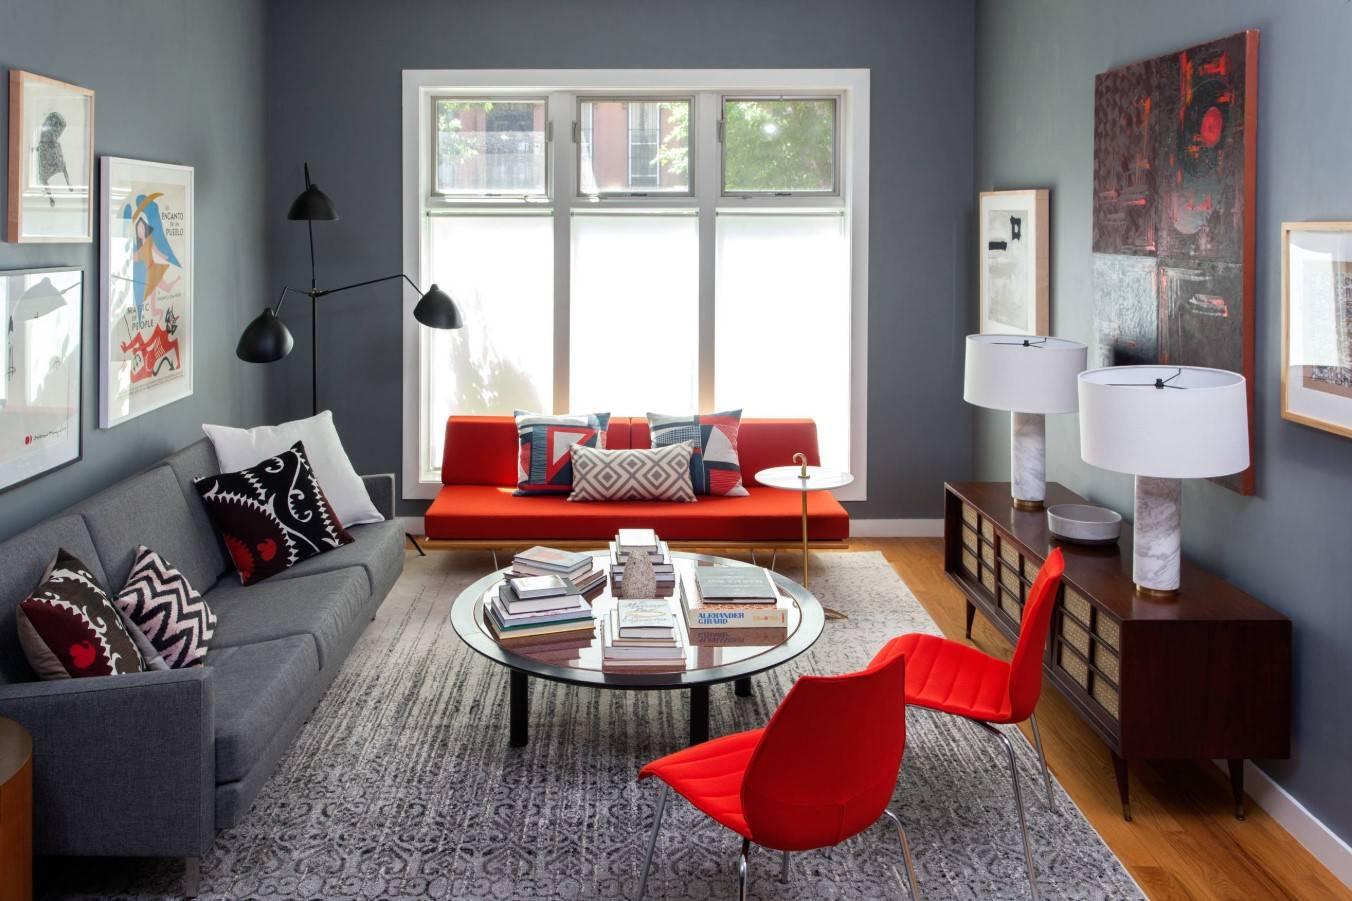 Красный диван в интерьере: особенности цвета, сочетание с другими цветами и стилями, примеры оформления